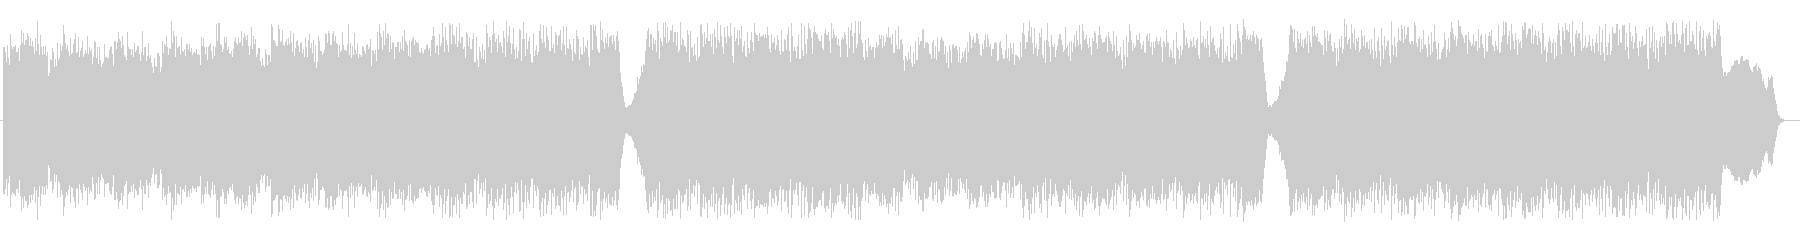 トレモロギターが特徴のダークなエレクトロの未再生の波形